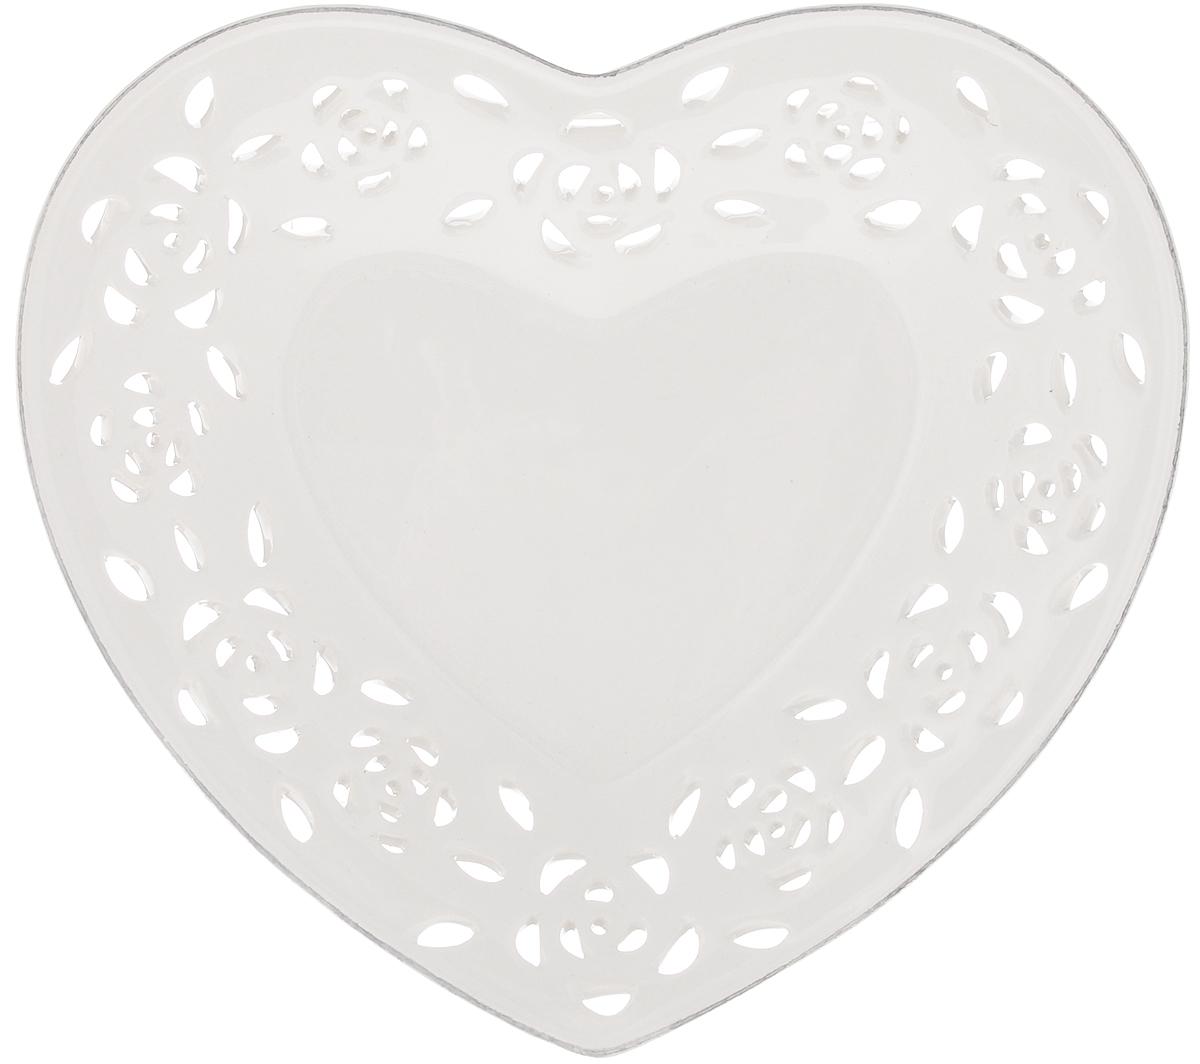 Блюдо Loraine Сердце, 18,5 х 16,5 х 3 см23820Блюдо Loraine Сердце изготовлено из высококачественной доломитовой керамики в форме сердца и украшено оригинальным ажурным узором. Стильная форма и интересное исполнение позволят блюду идеально вписаться в любой интерьер, а универсальный белый цвет подойдет к любой мебели. Такое блюдо привнесет новизну в вашу кухню и порадует глаз.